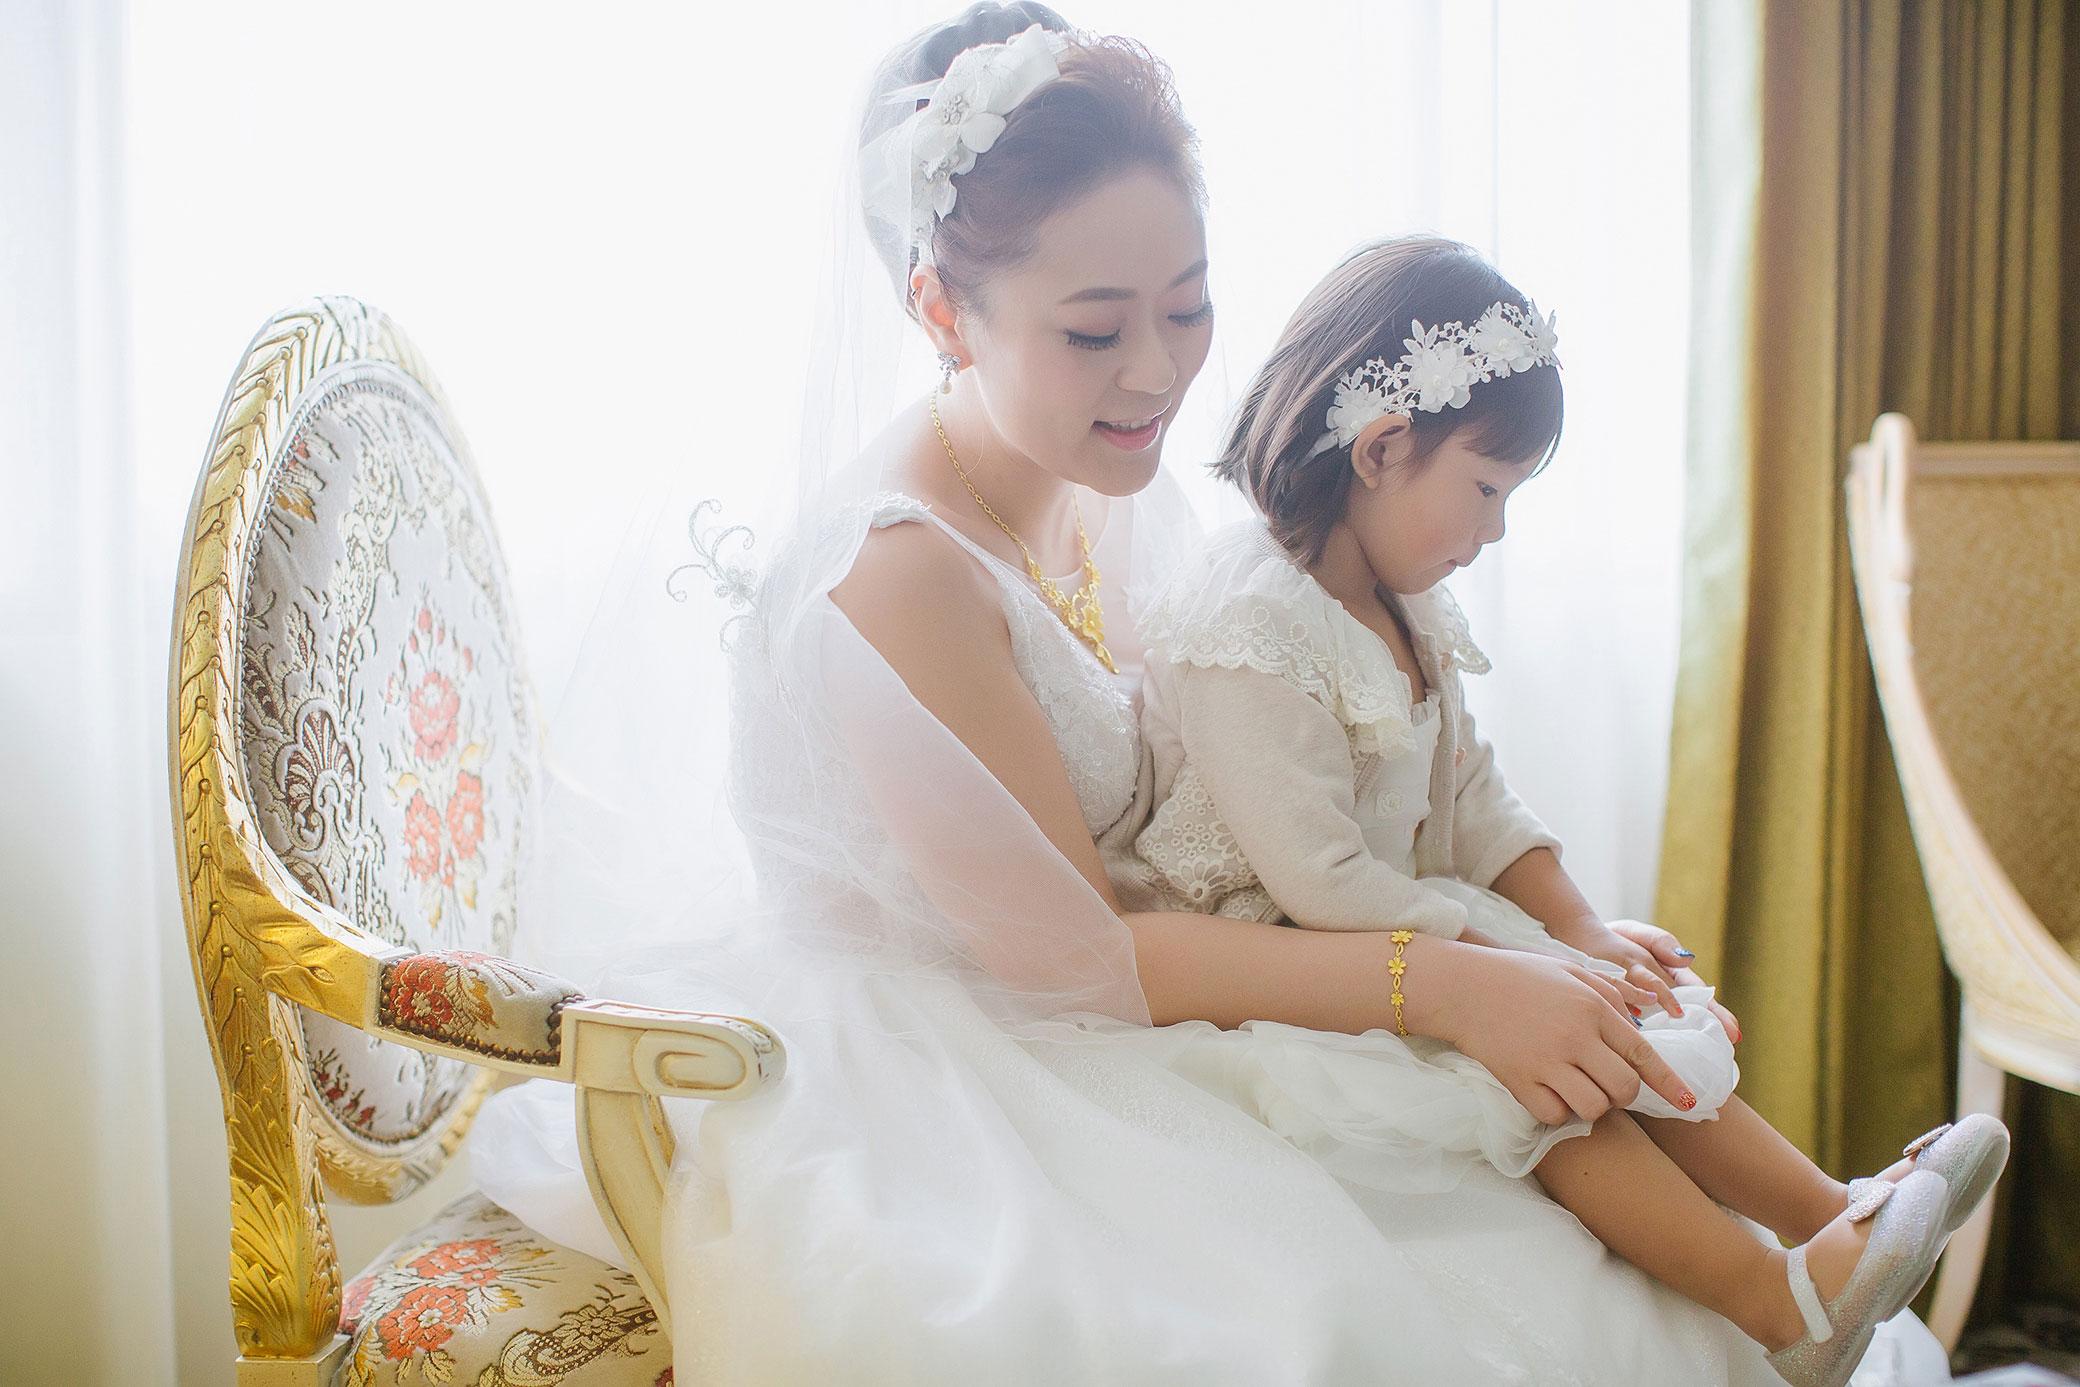 nickchang-realwedding-fineart-5